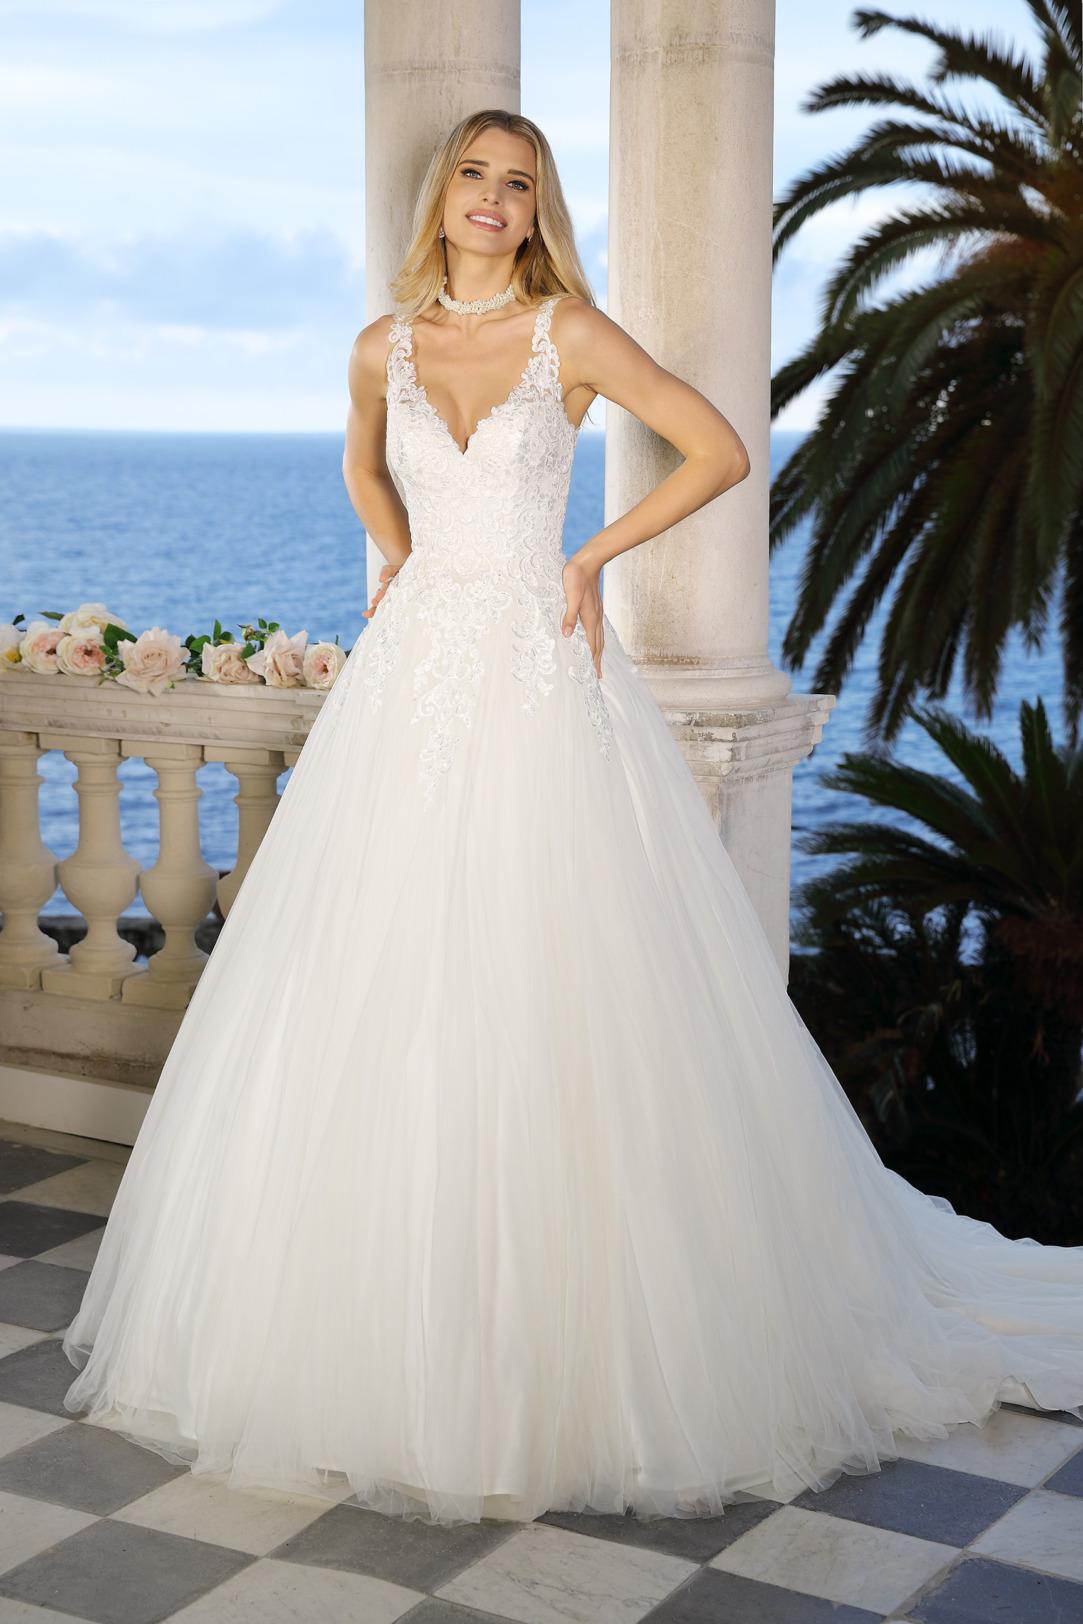 Brautkleid Hochzeitskleid im Prinzessinnen Stil von Ladybird Modell 421049 mit V Ausschnitt feinsten Spitzen Applikationen und weitem Tüllrock